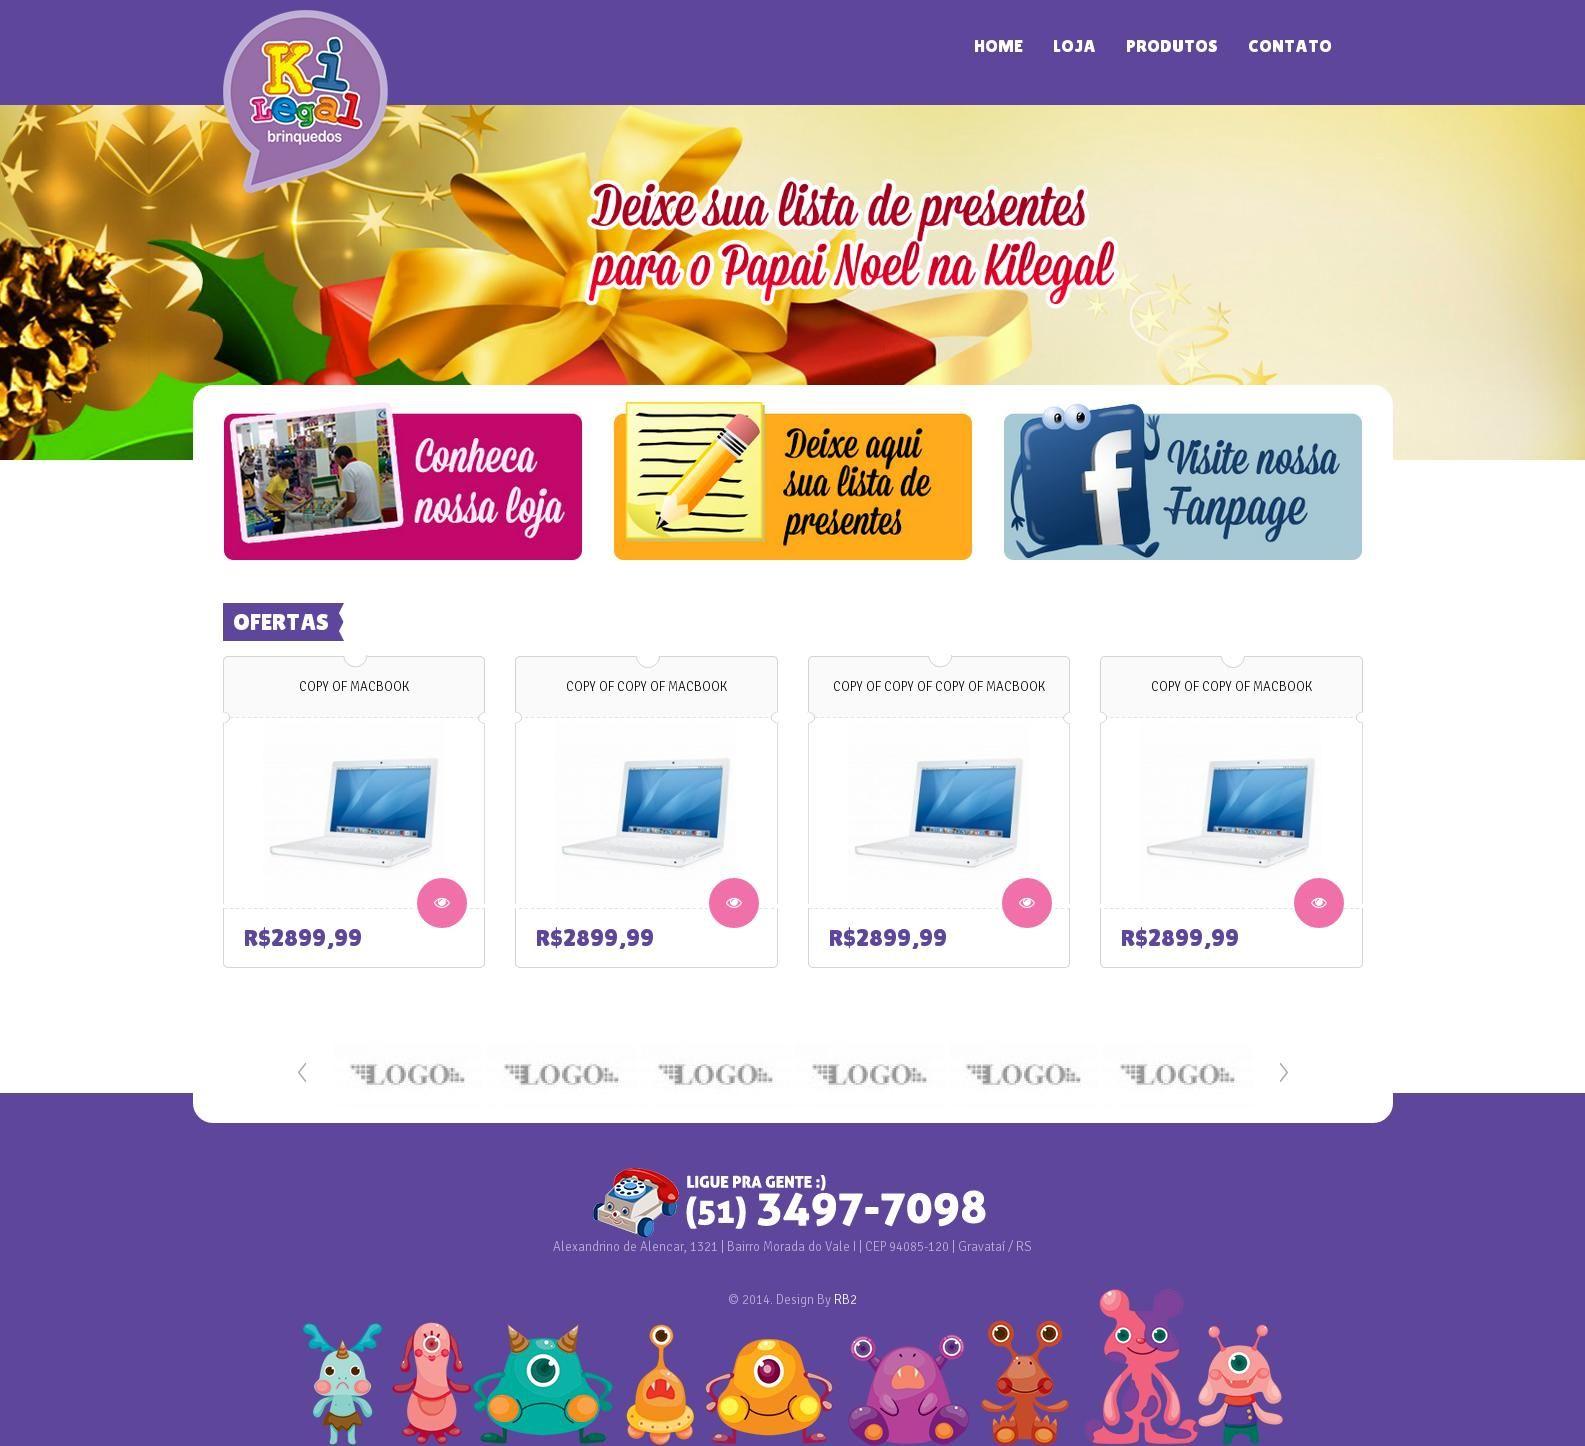 Joomla - Kilegal Brinquedos  Criação de tema para Joomla!